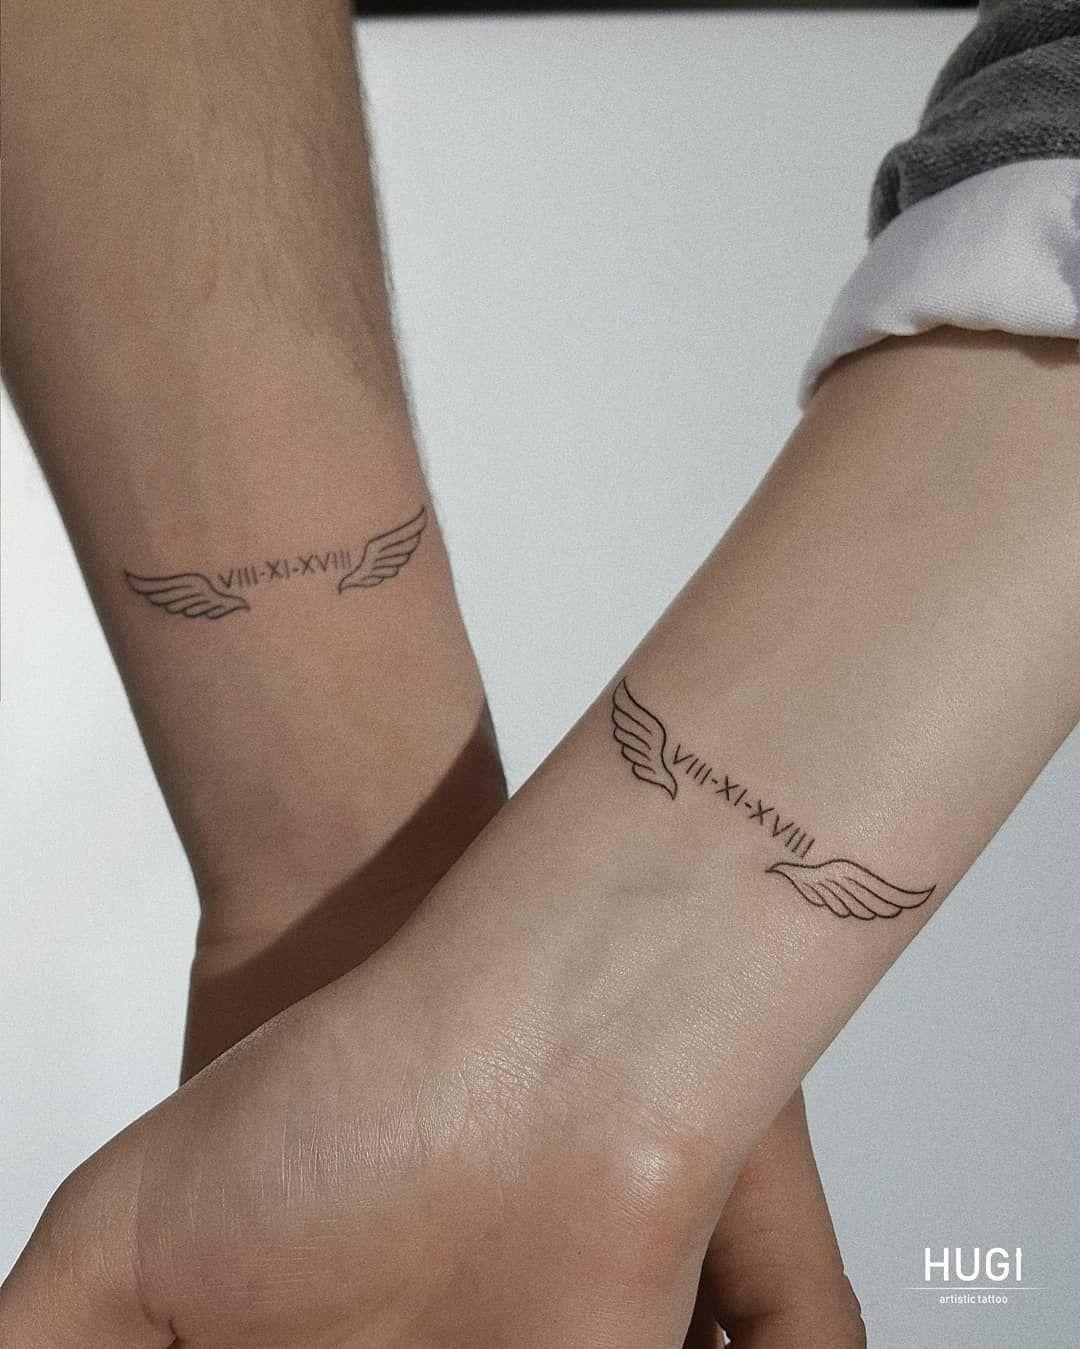 ✔ Couple Tattoo Designs Small #couplebatik #couplephoto #couplephotography -  ✔ Couple Tattoo Designs Small #couplebatik #couplephoto #couplephotography  - #couple #couplebatik #couplephoto #couplephotography #Designs #moontattoo #simpletattoo #Small #tattoo #tattooarm #tattoodrawings #tattoomujer #workoutfit #workoutfitswomen